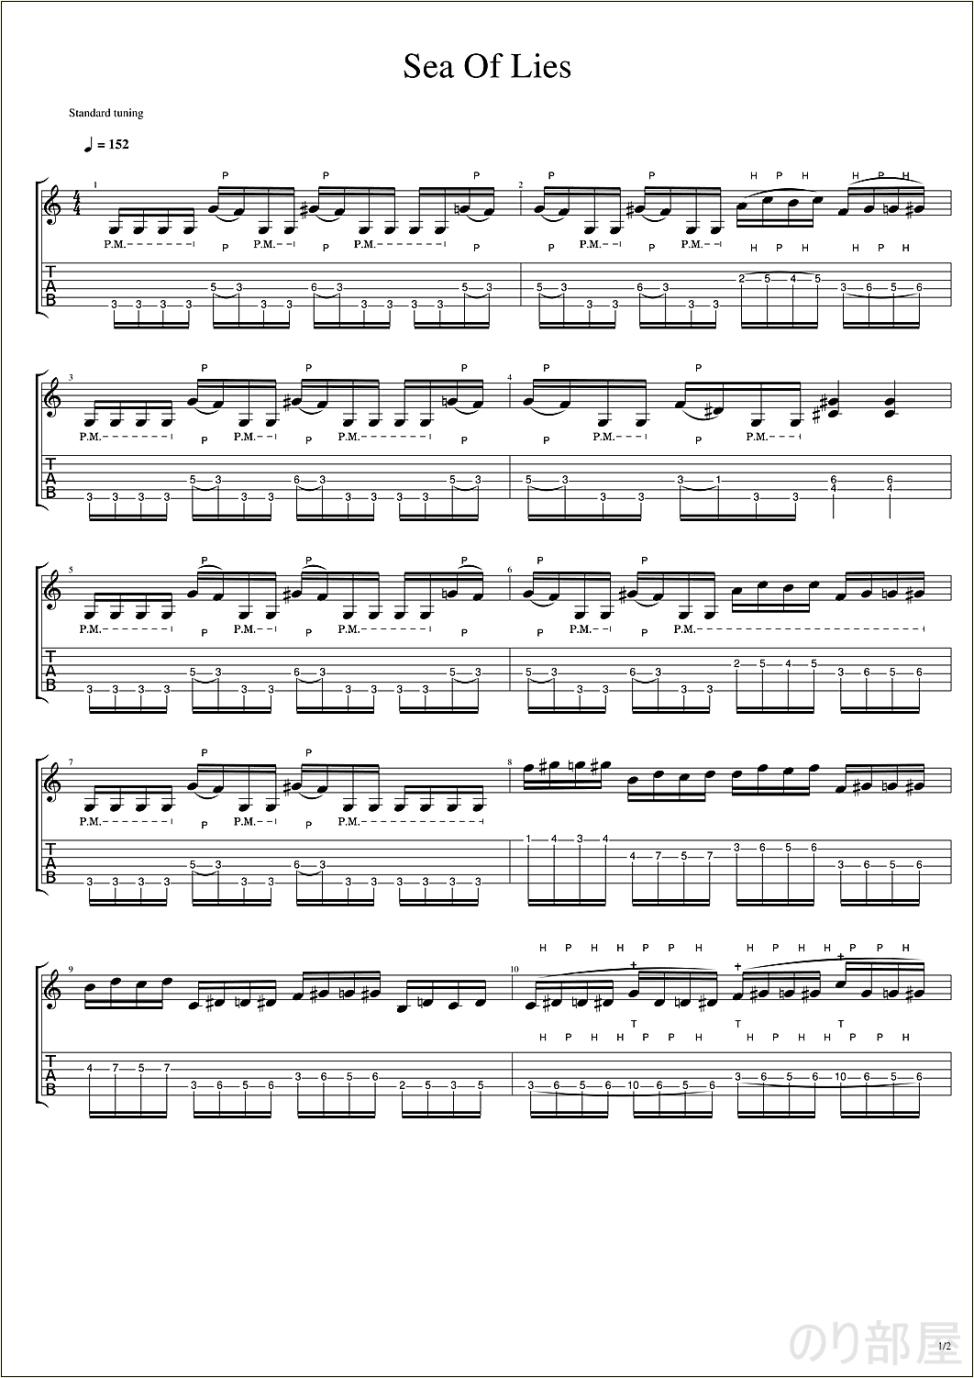 Sea Of Lies の イントロの TAB譜を作ってみました。【TAB】Sea Of Lies (Intro) / Symphony X イントロ部分がテクニカルで小指の練習・タッピング練習に最適でオススメ!